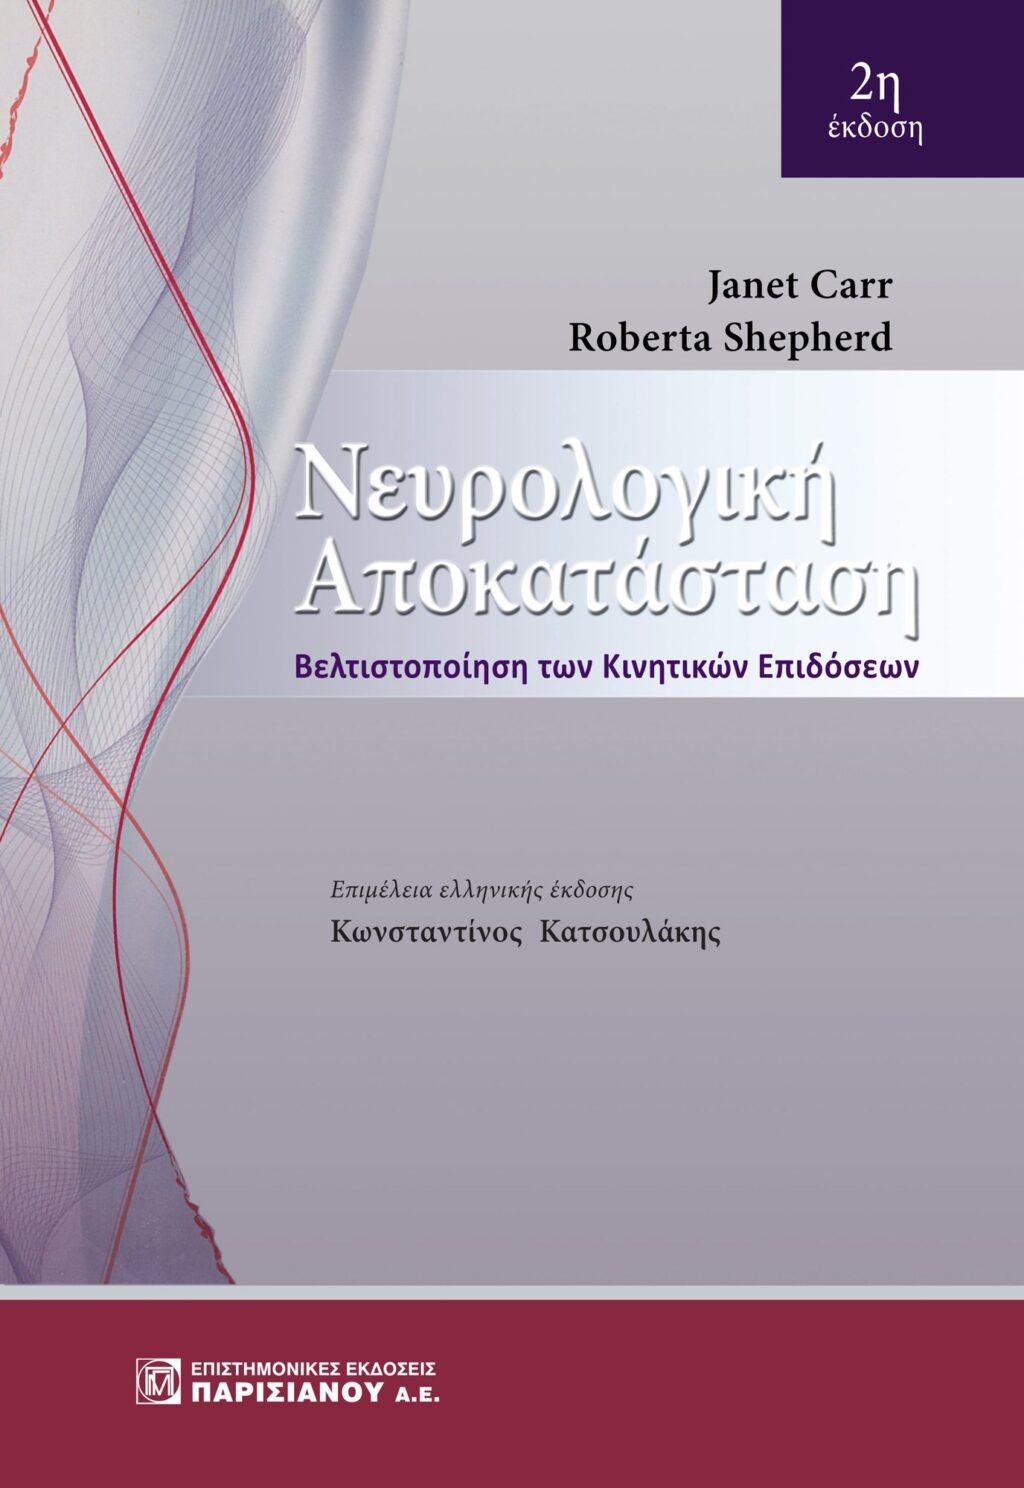 nefrologiki-apokatastasi